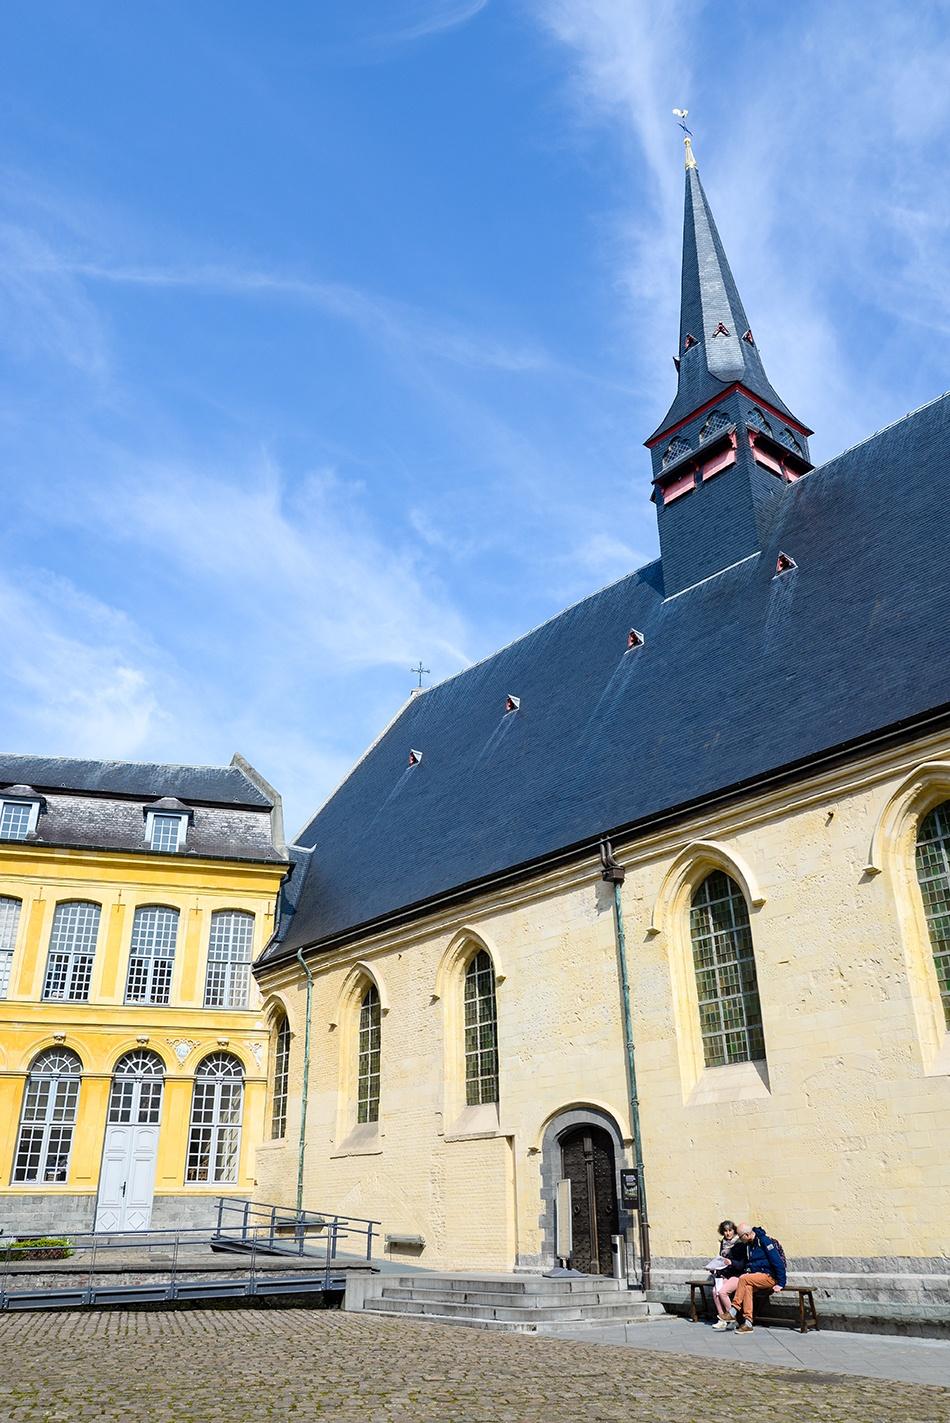 choses à faire à Lille: visiter le musée de l'Hospice Comtesse